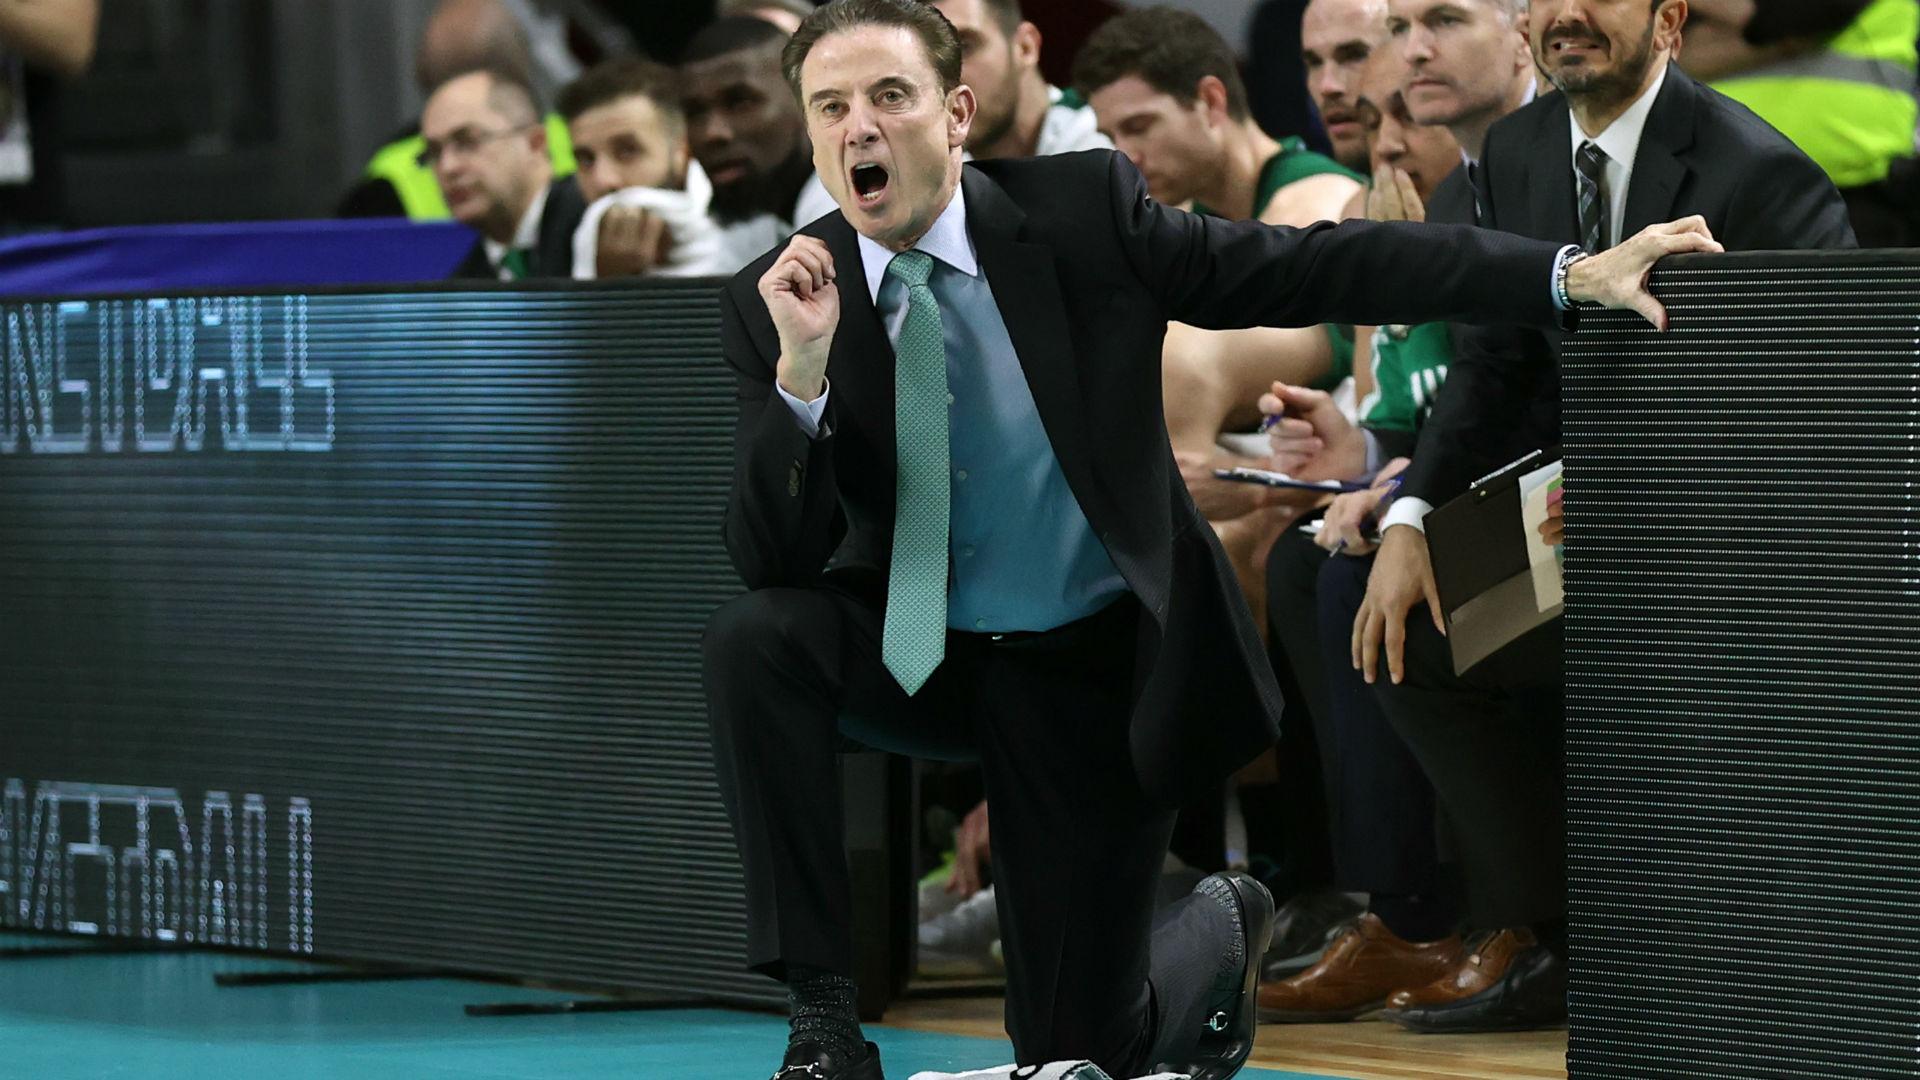 Rick Pitino está de vuelta en el baloncesto universitario después de que el escándalo lo obligó a abandonar. Twitter reacciona a su regreso. 23